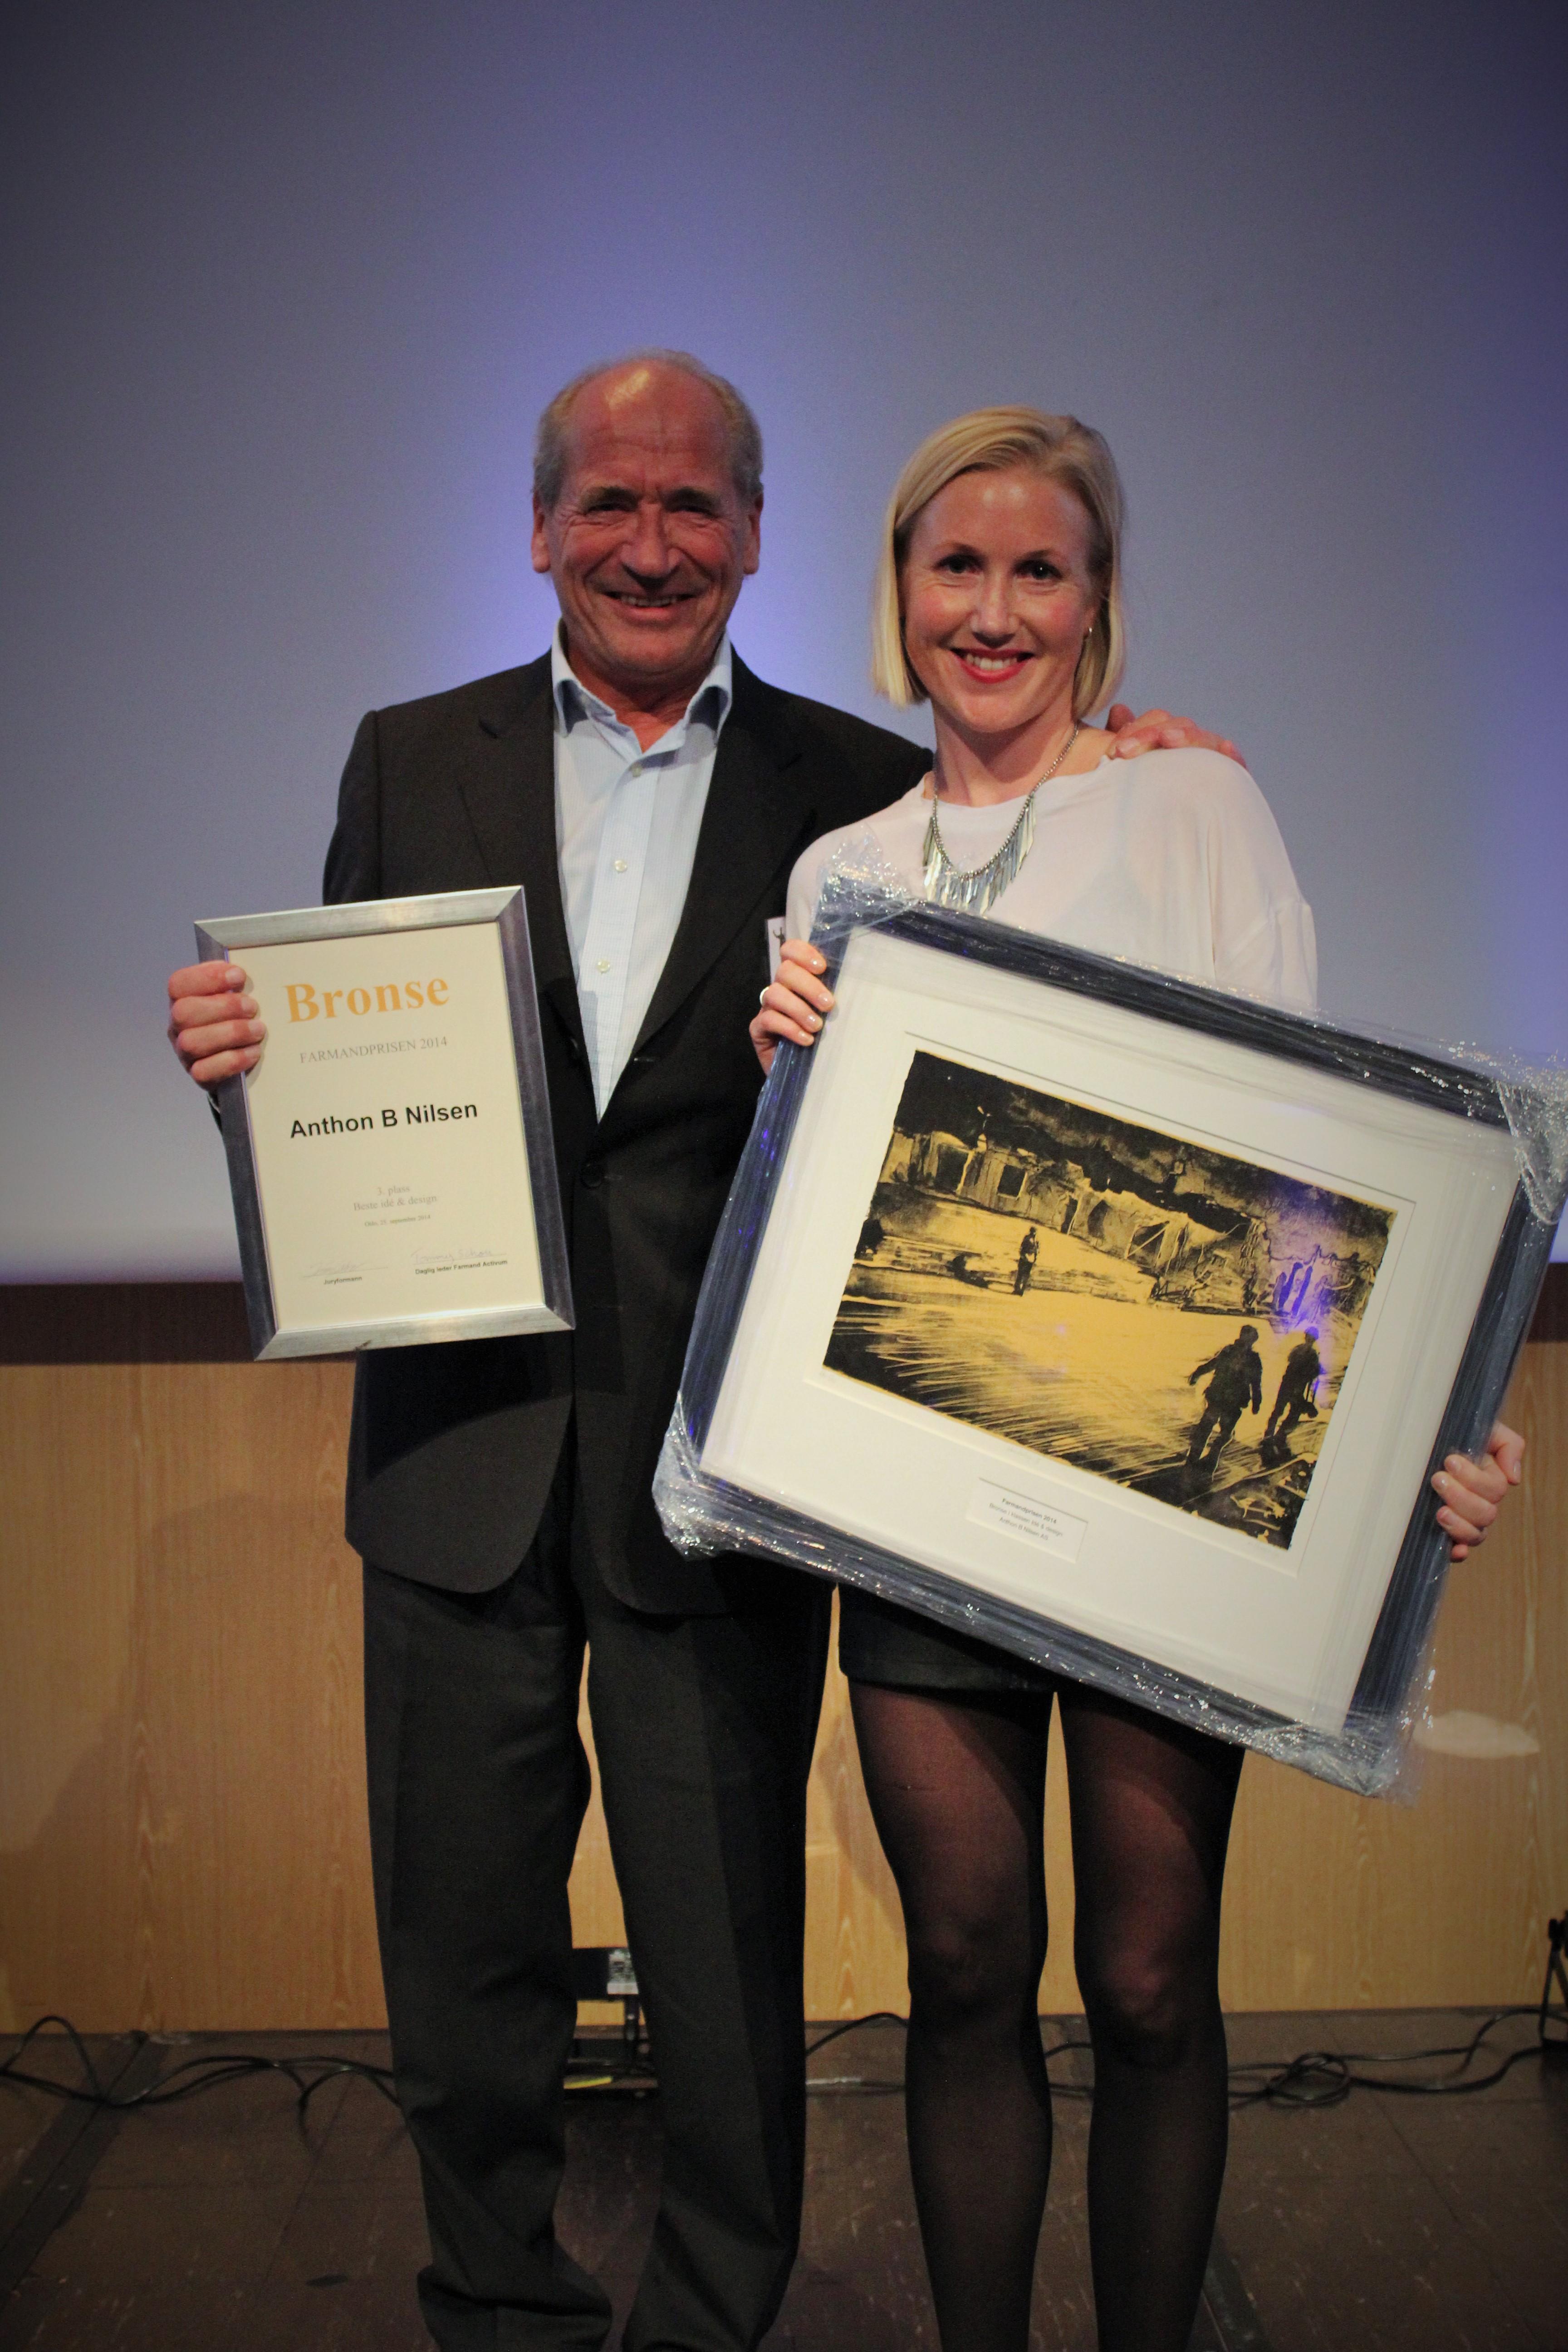 Farmandprisen Beste Årsrapport 2014 - Beste Ide & design nr 3: Anthon B Nilsen